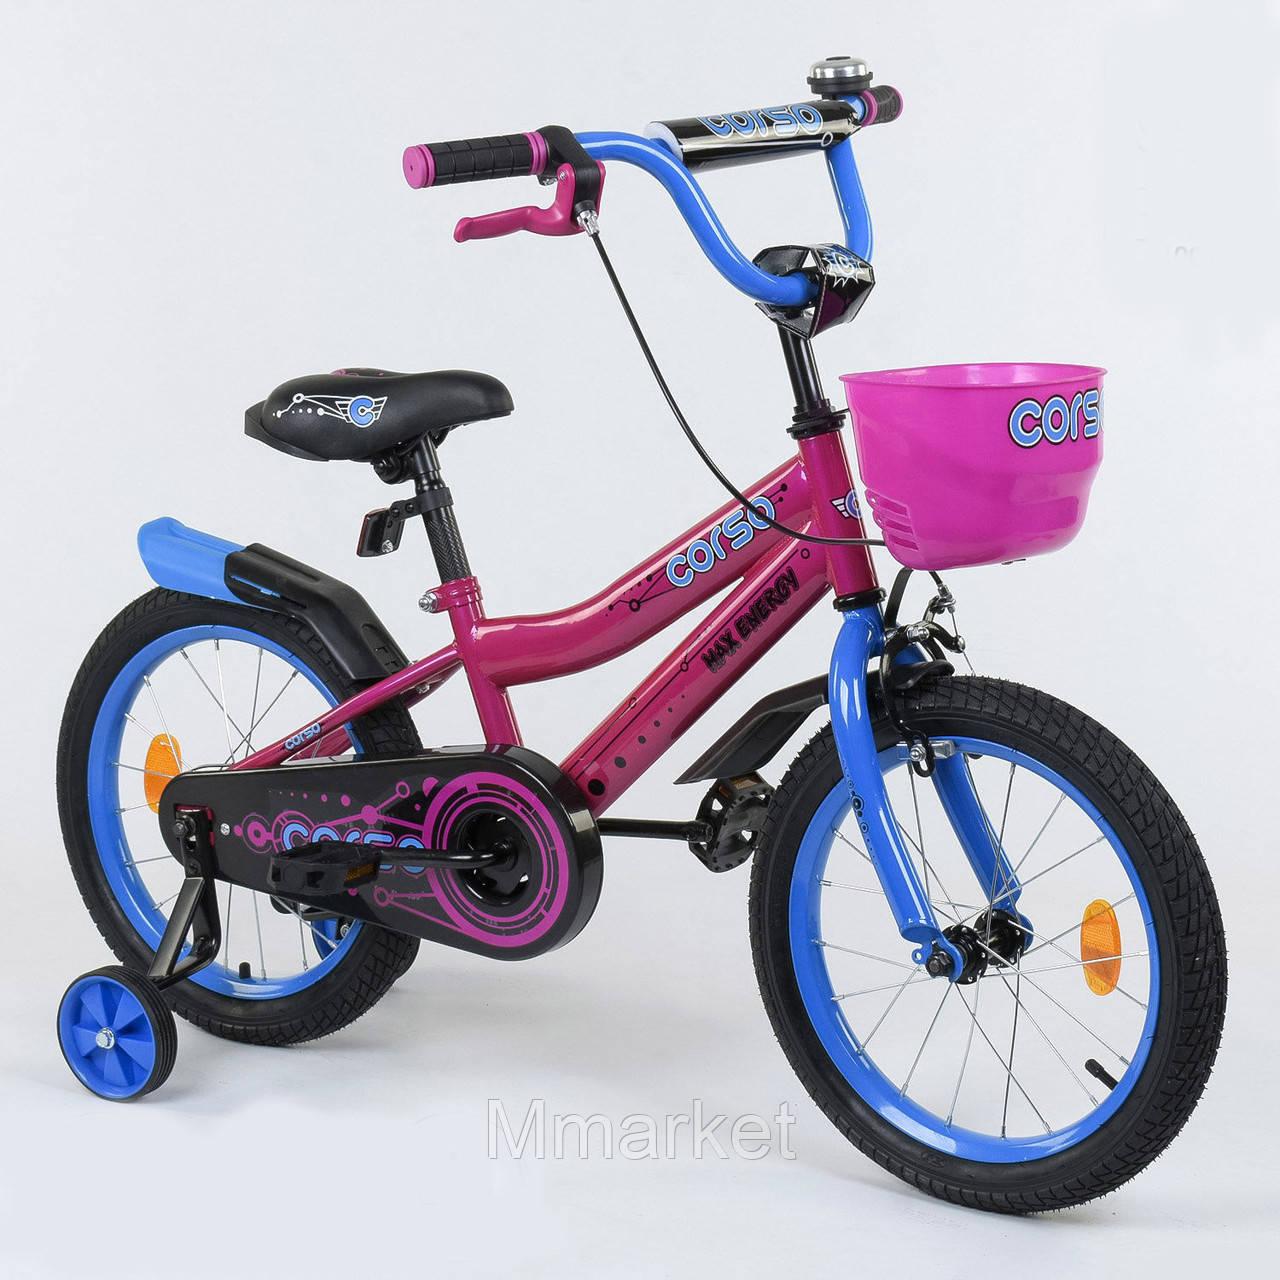 """Велосипед 16"""" дюймов 2-х колёсный R - 16410 """"CORSO"""", ручной тормоз, звоночек, сидение с ручкой, дополнительные"""